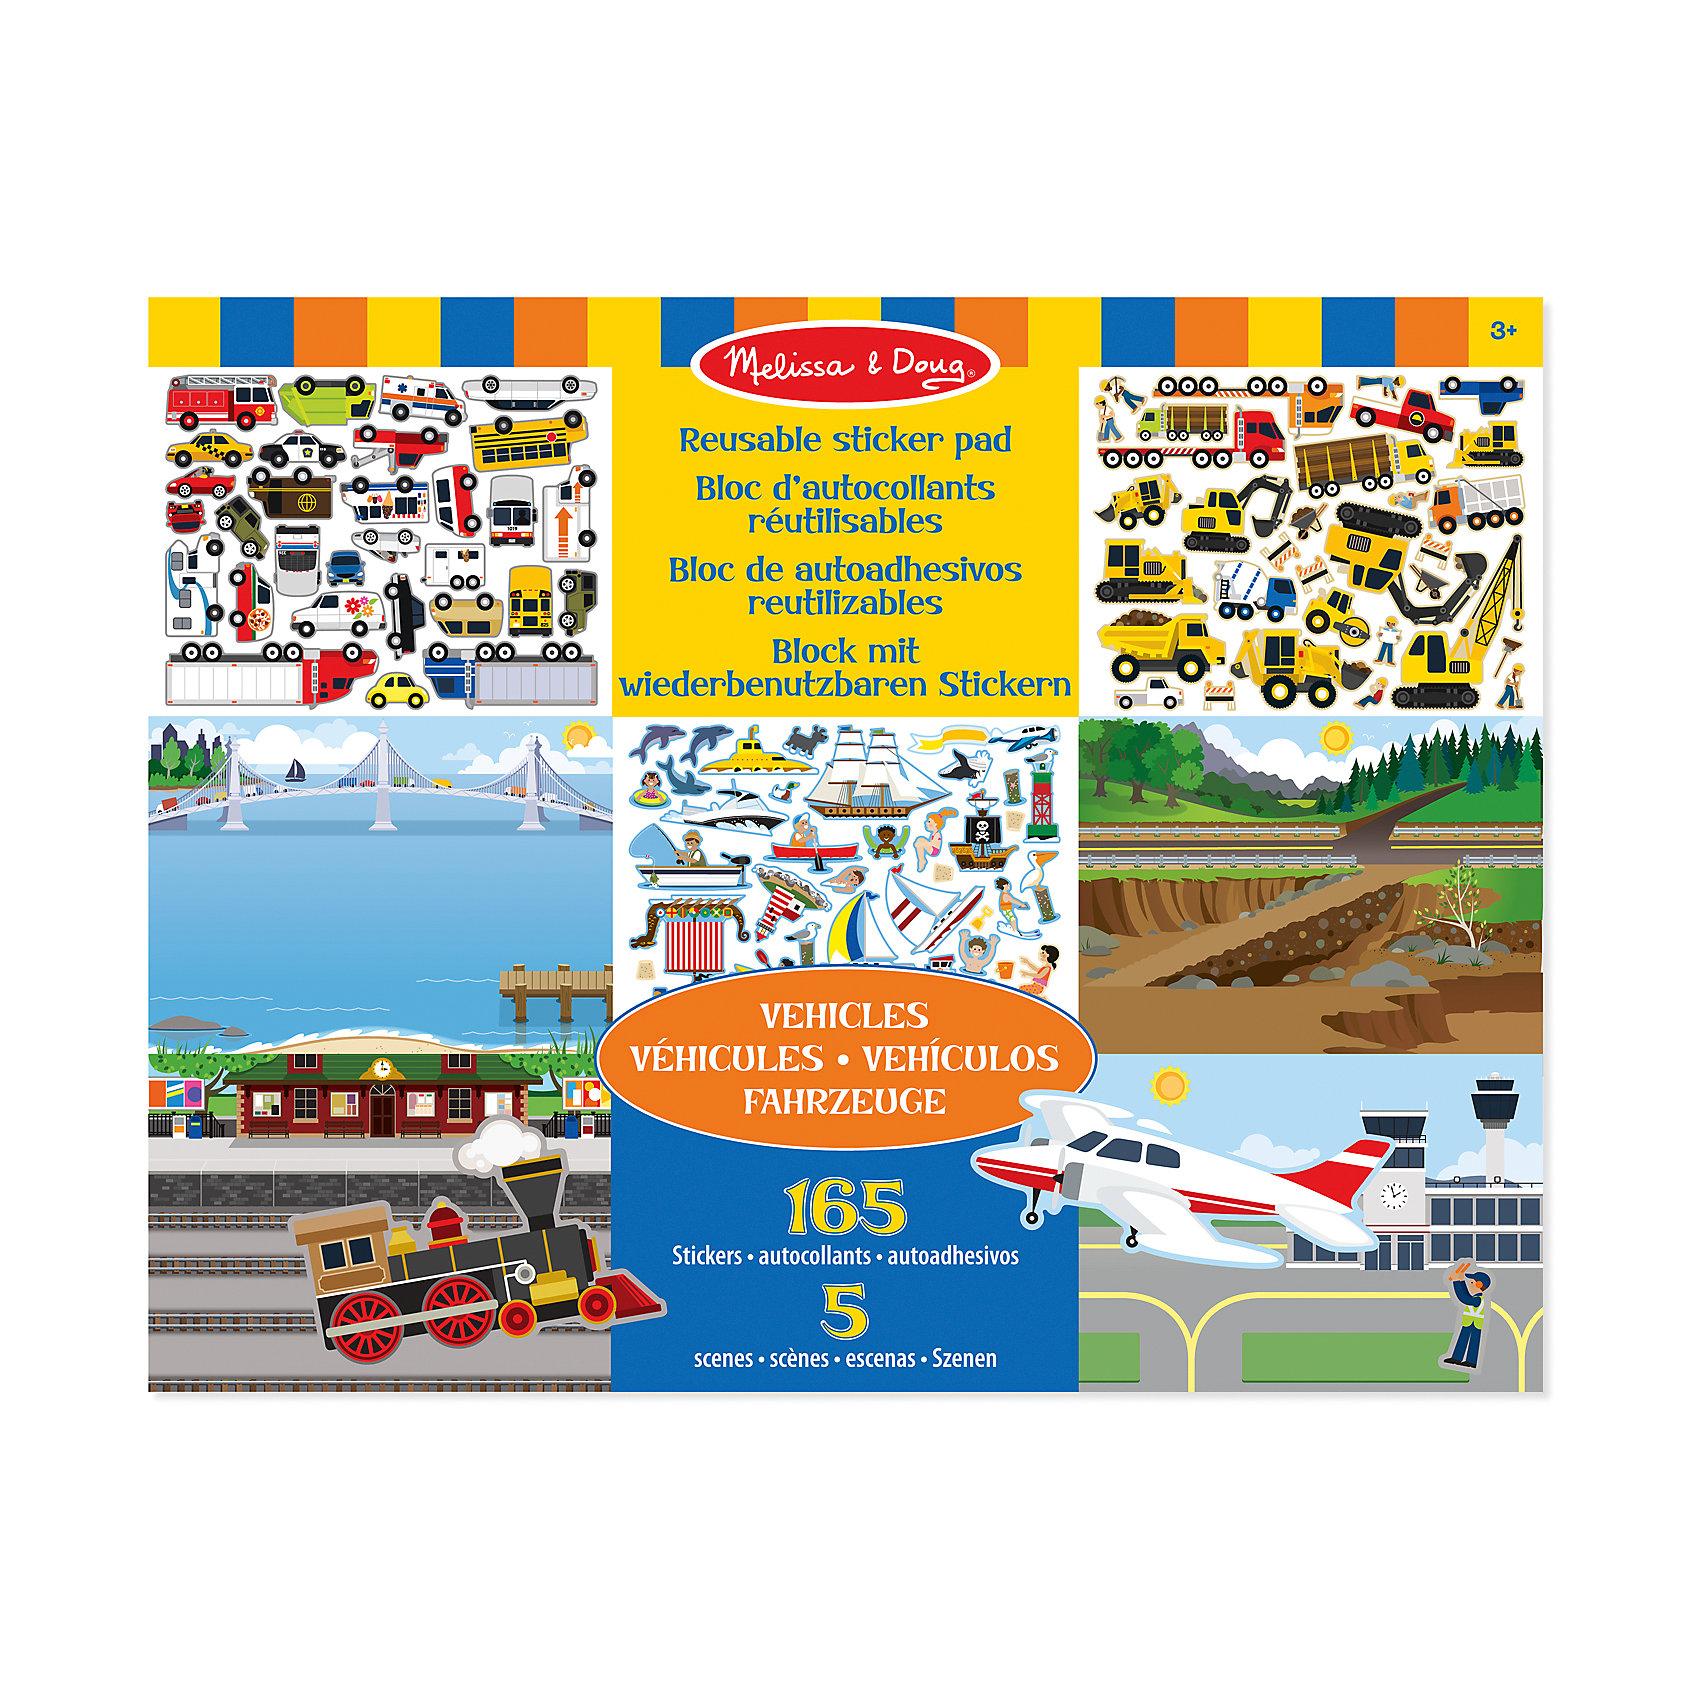 Набор со стикерами и фоном Транспорт, Melissa &amp; DougНабор со стикерами и фоном Транспорт, Melissa &amp; Doug (Мелисса и Даг) содержит 5 глянцевых фонов различной местности, а также более 165 стикеров, с помощью которых Ваш ребенок придумает занимательные сюжеты на тему аэропорт, морской порт,  ж/д вокзал, строительная площадка, дорога. На картинках-фонах достаточно места, чтобы разместить разнообразный транспорт. Картинки-фоны отделяются друг от друга, а яркие стикеры легко отклеиваются снова и снова – «транспорт» можно перемещать из сюжета в сюжет! Занятие с творческим набором  стикеров и фоном «Транспорт» способствует развитию мелкой моторики, фантазии, творческого мышления, художественных навыков и эстетического вкуса.<br><br>Комплектация: 5 фонов, более 165 стикеров транспорта<br><br>Дополнительная информация:<br>-Размер альбома: 35,5х28 см<br>-Вес: 0,6 кг<br>-Материал: бумага, картон<br><br>С помощью красочного набора изображений фона и многоразовых наклеек на тему «Транспорт» можно создать удивительный пейзаж и придумать множество увлекательных игр. <br><br>Набор со стикерами и фоном Транспорт, Melissa &amp; Doug (Мелисса и Даг) можно купить в нашем магазине.<br><br>Ширина мм: 360<br>Глубина мм: 360<br>Высота мм: 280<br>Вес г: 560<br>Возраст от месяцев: 36<br>Возраст до месяцев: 180<br>Пол: Унисекс<br>Возраст: Детский<br>SKU: 4008277